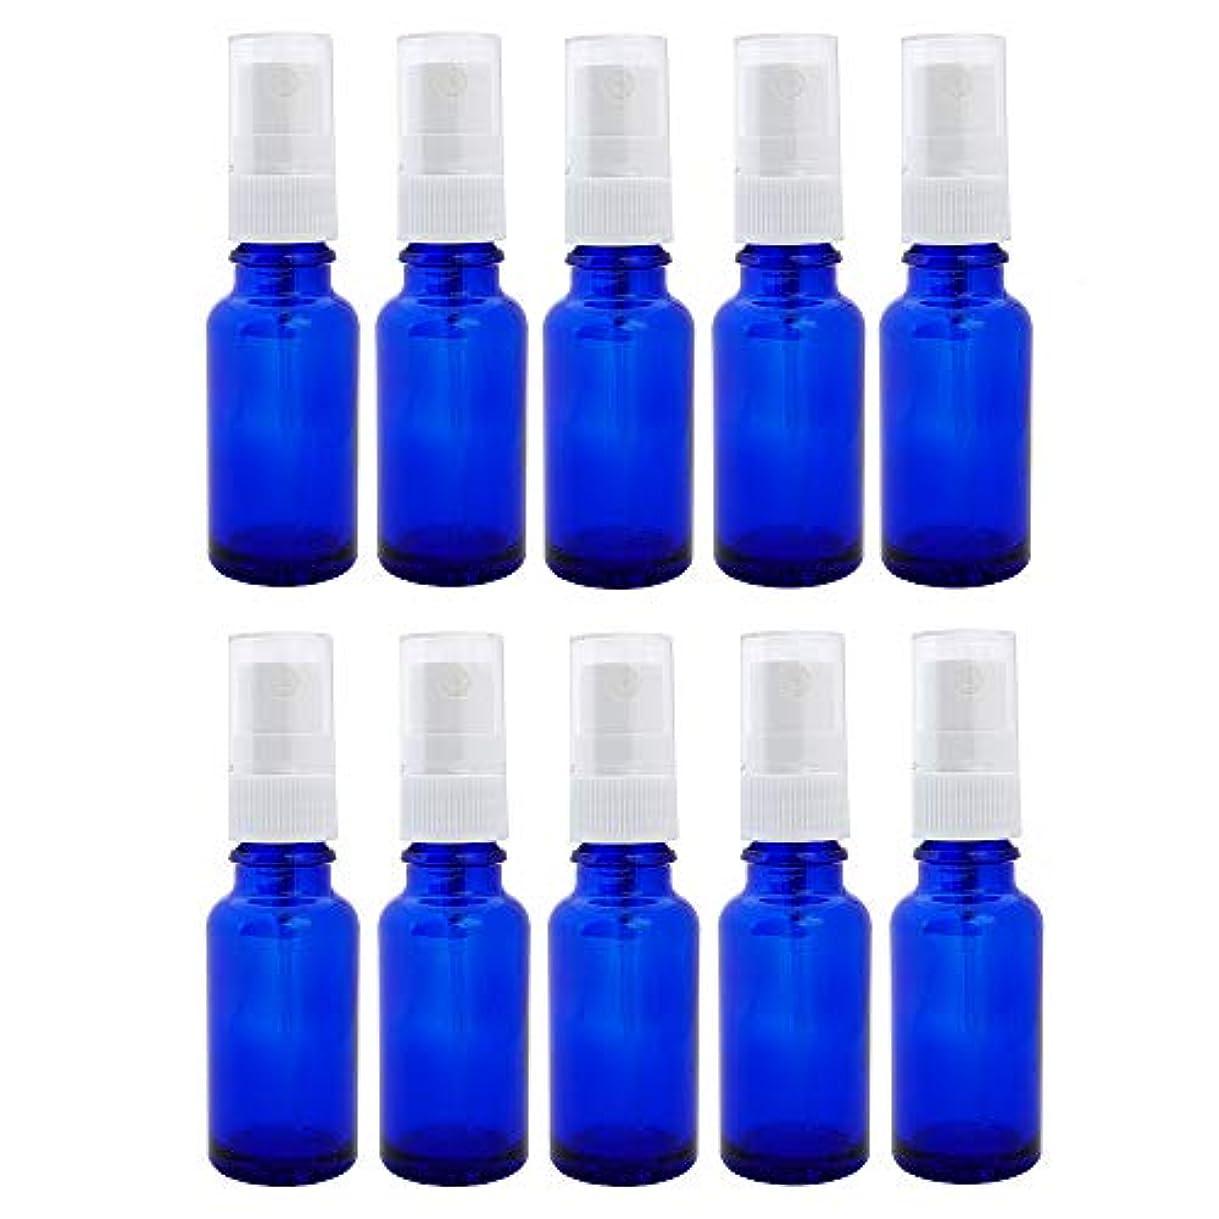 一般的に言えばウイルスオリエントスプレー遮光ビン 20ml 瓶 10本セット ブルー(スプレーノズル キャップ付)